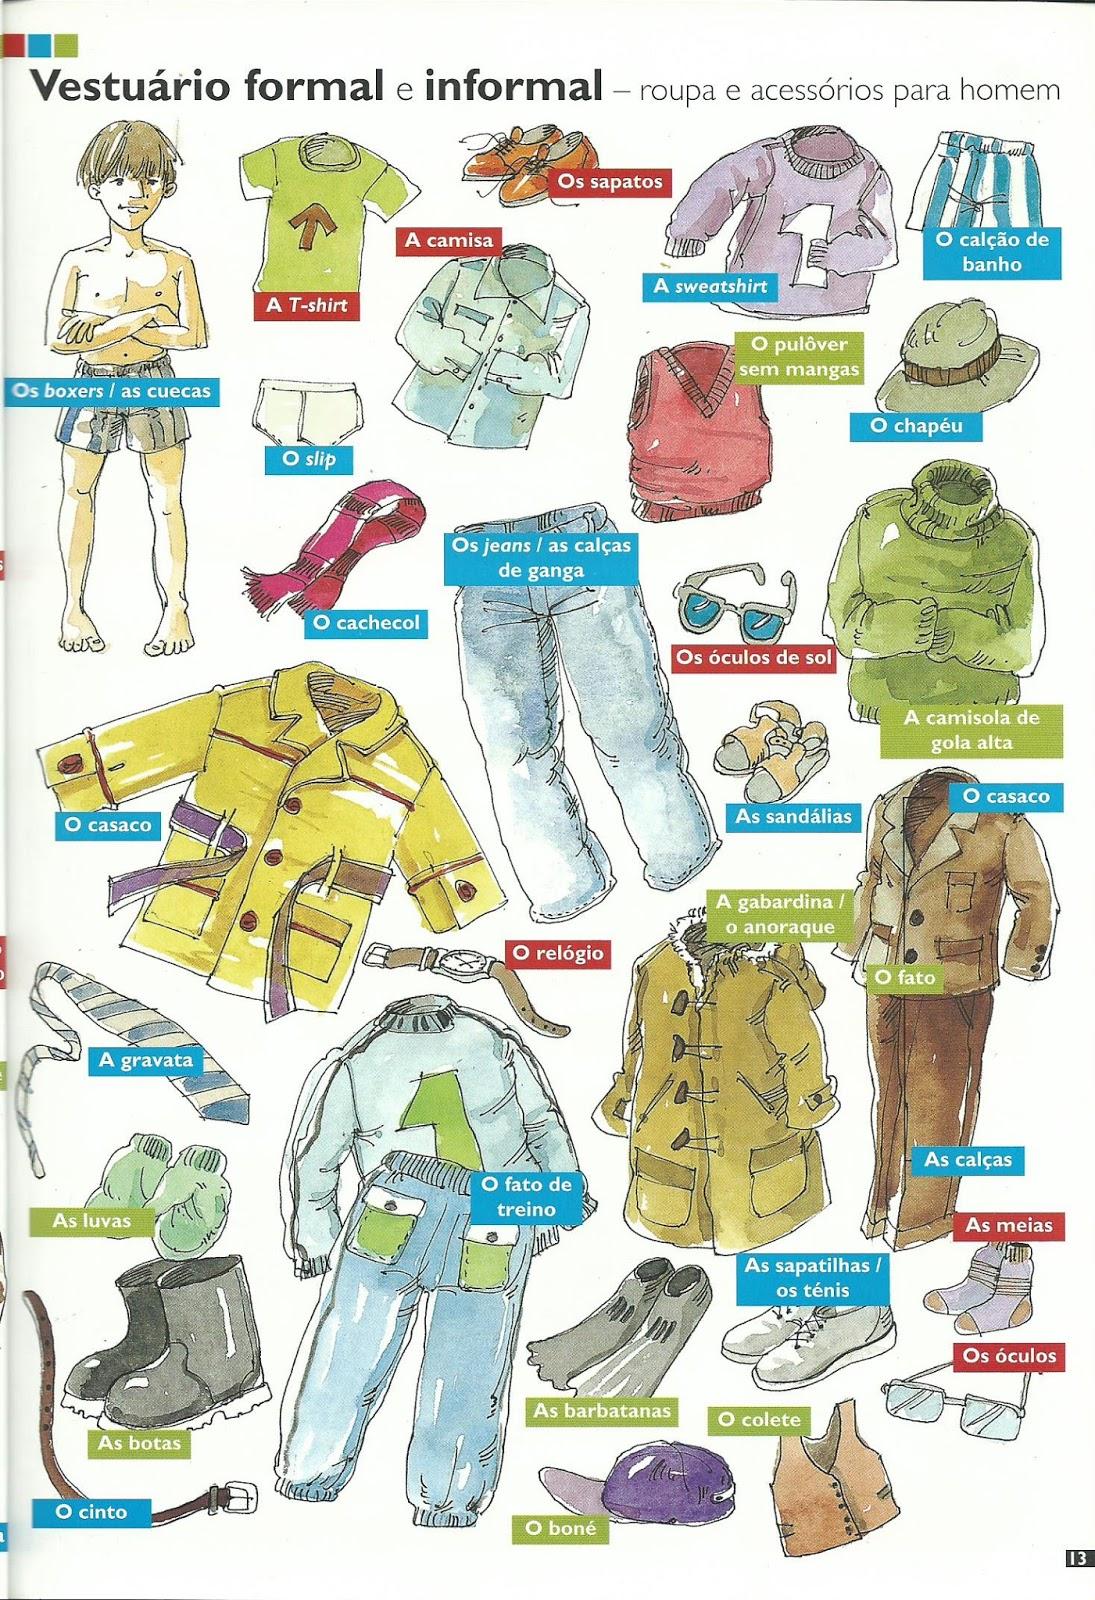 13 - VESTUÁRIO FORMAL E INFORMAL: roupa e acessórios para homem - CLOTHES:  casual and formal men's wear